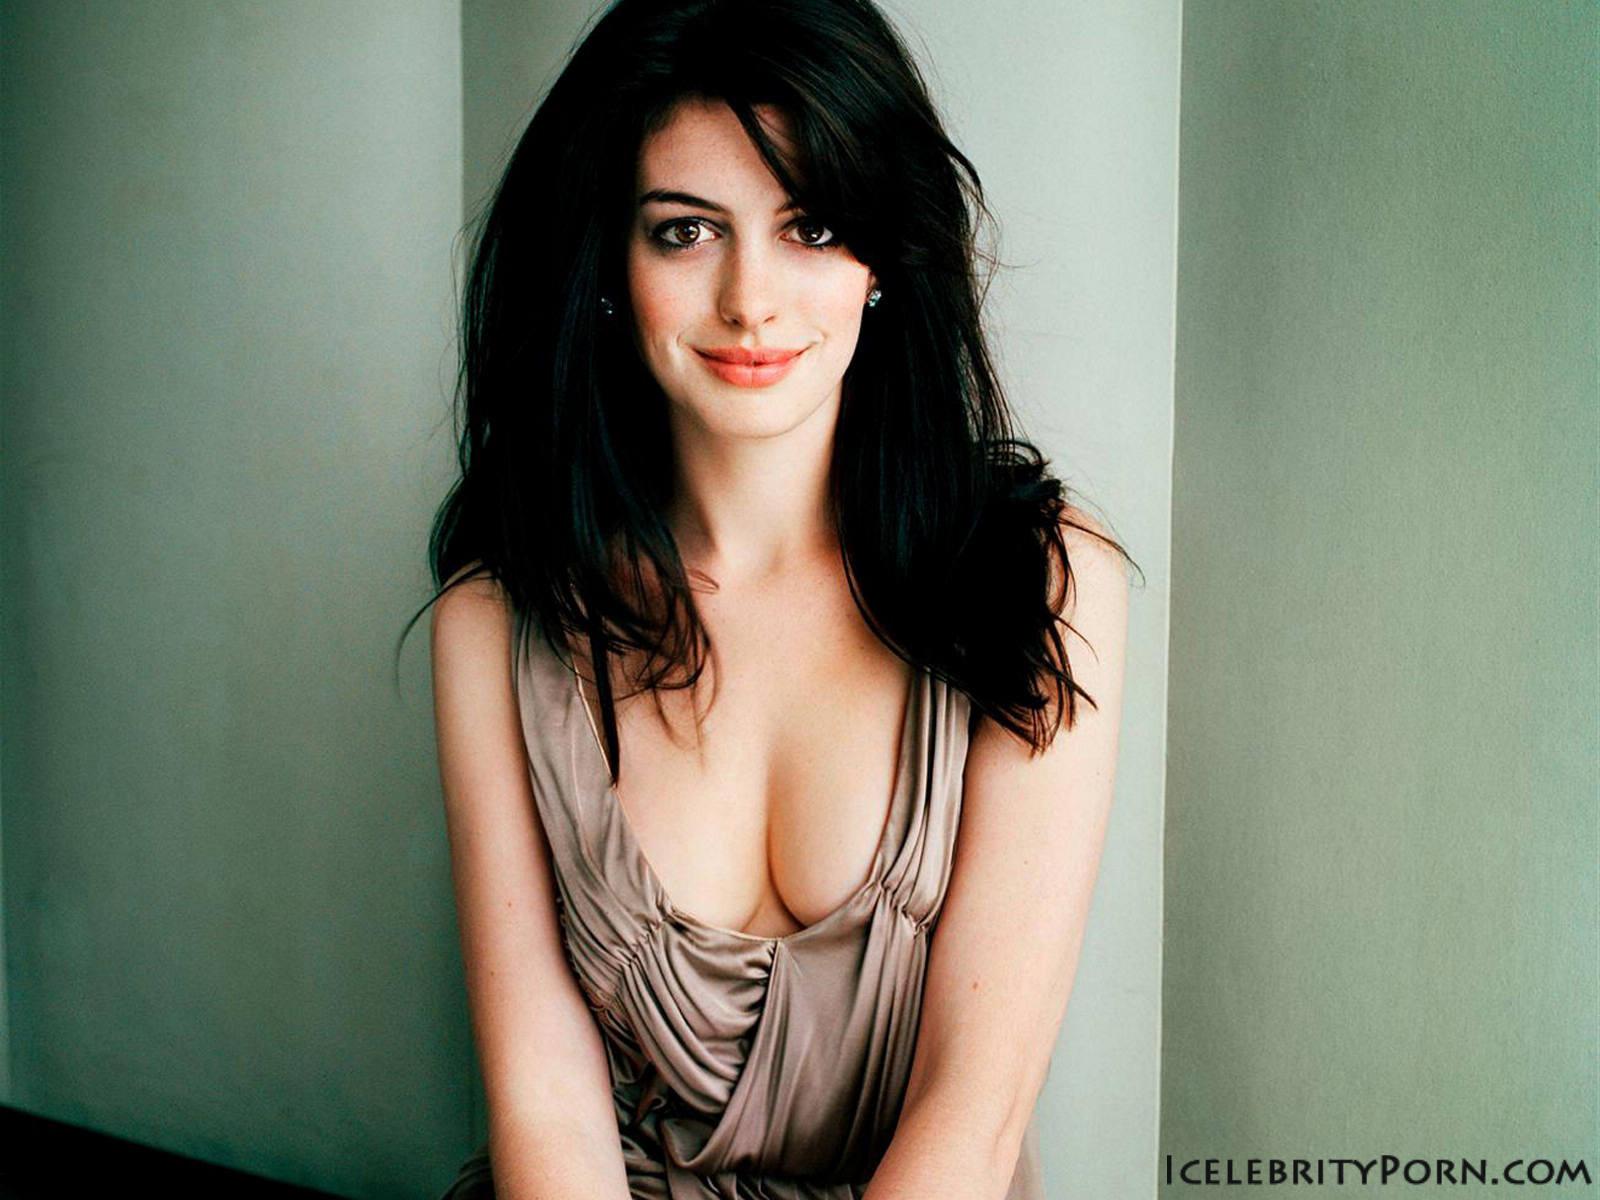 Anne Hathaway Porno anne hathaway desnuda fotos porno hot xxx